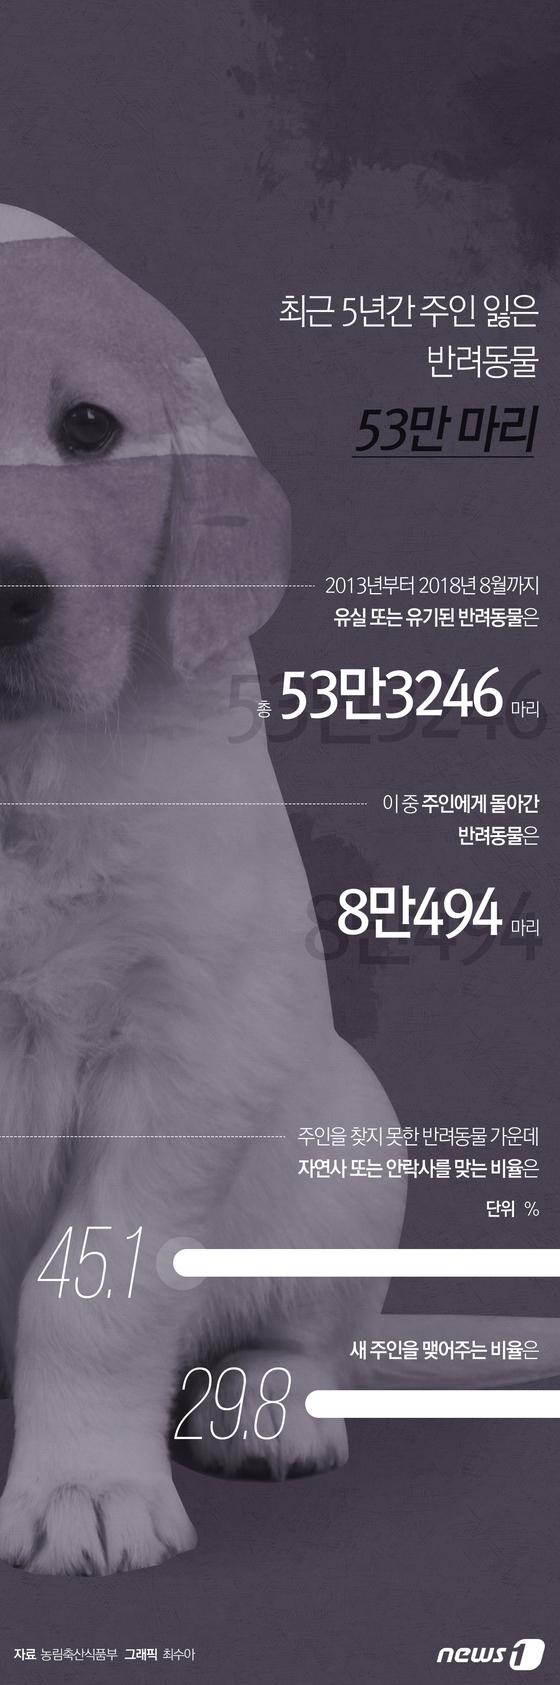 [그래픽뉴스] 최근 5년간 주인 잃은 반려동물 53만 마리